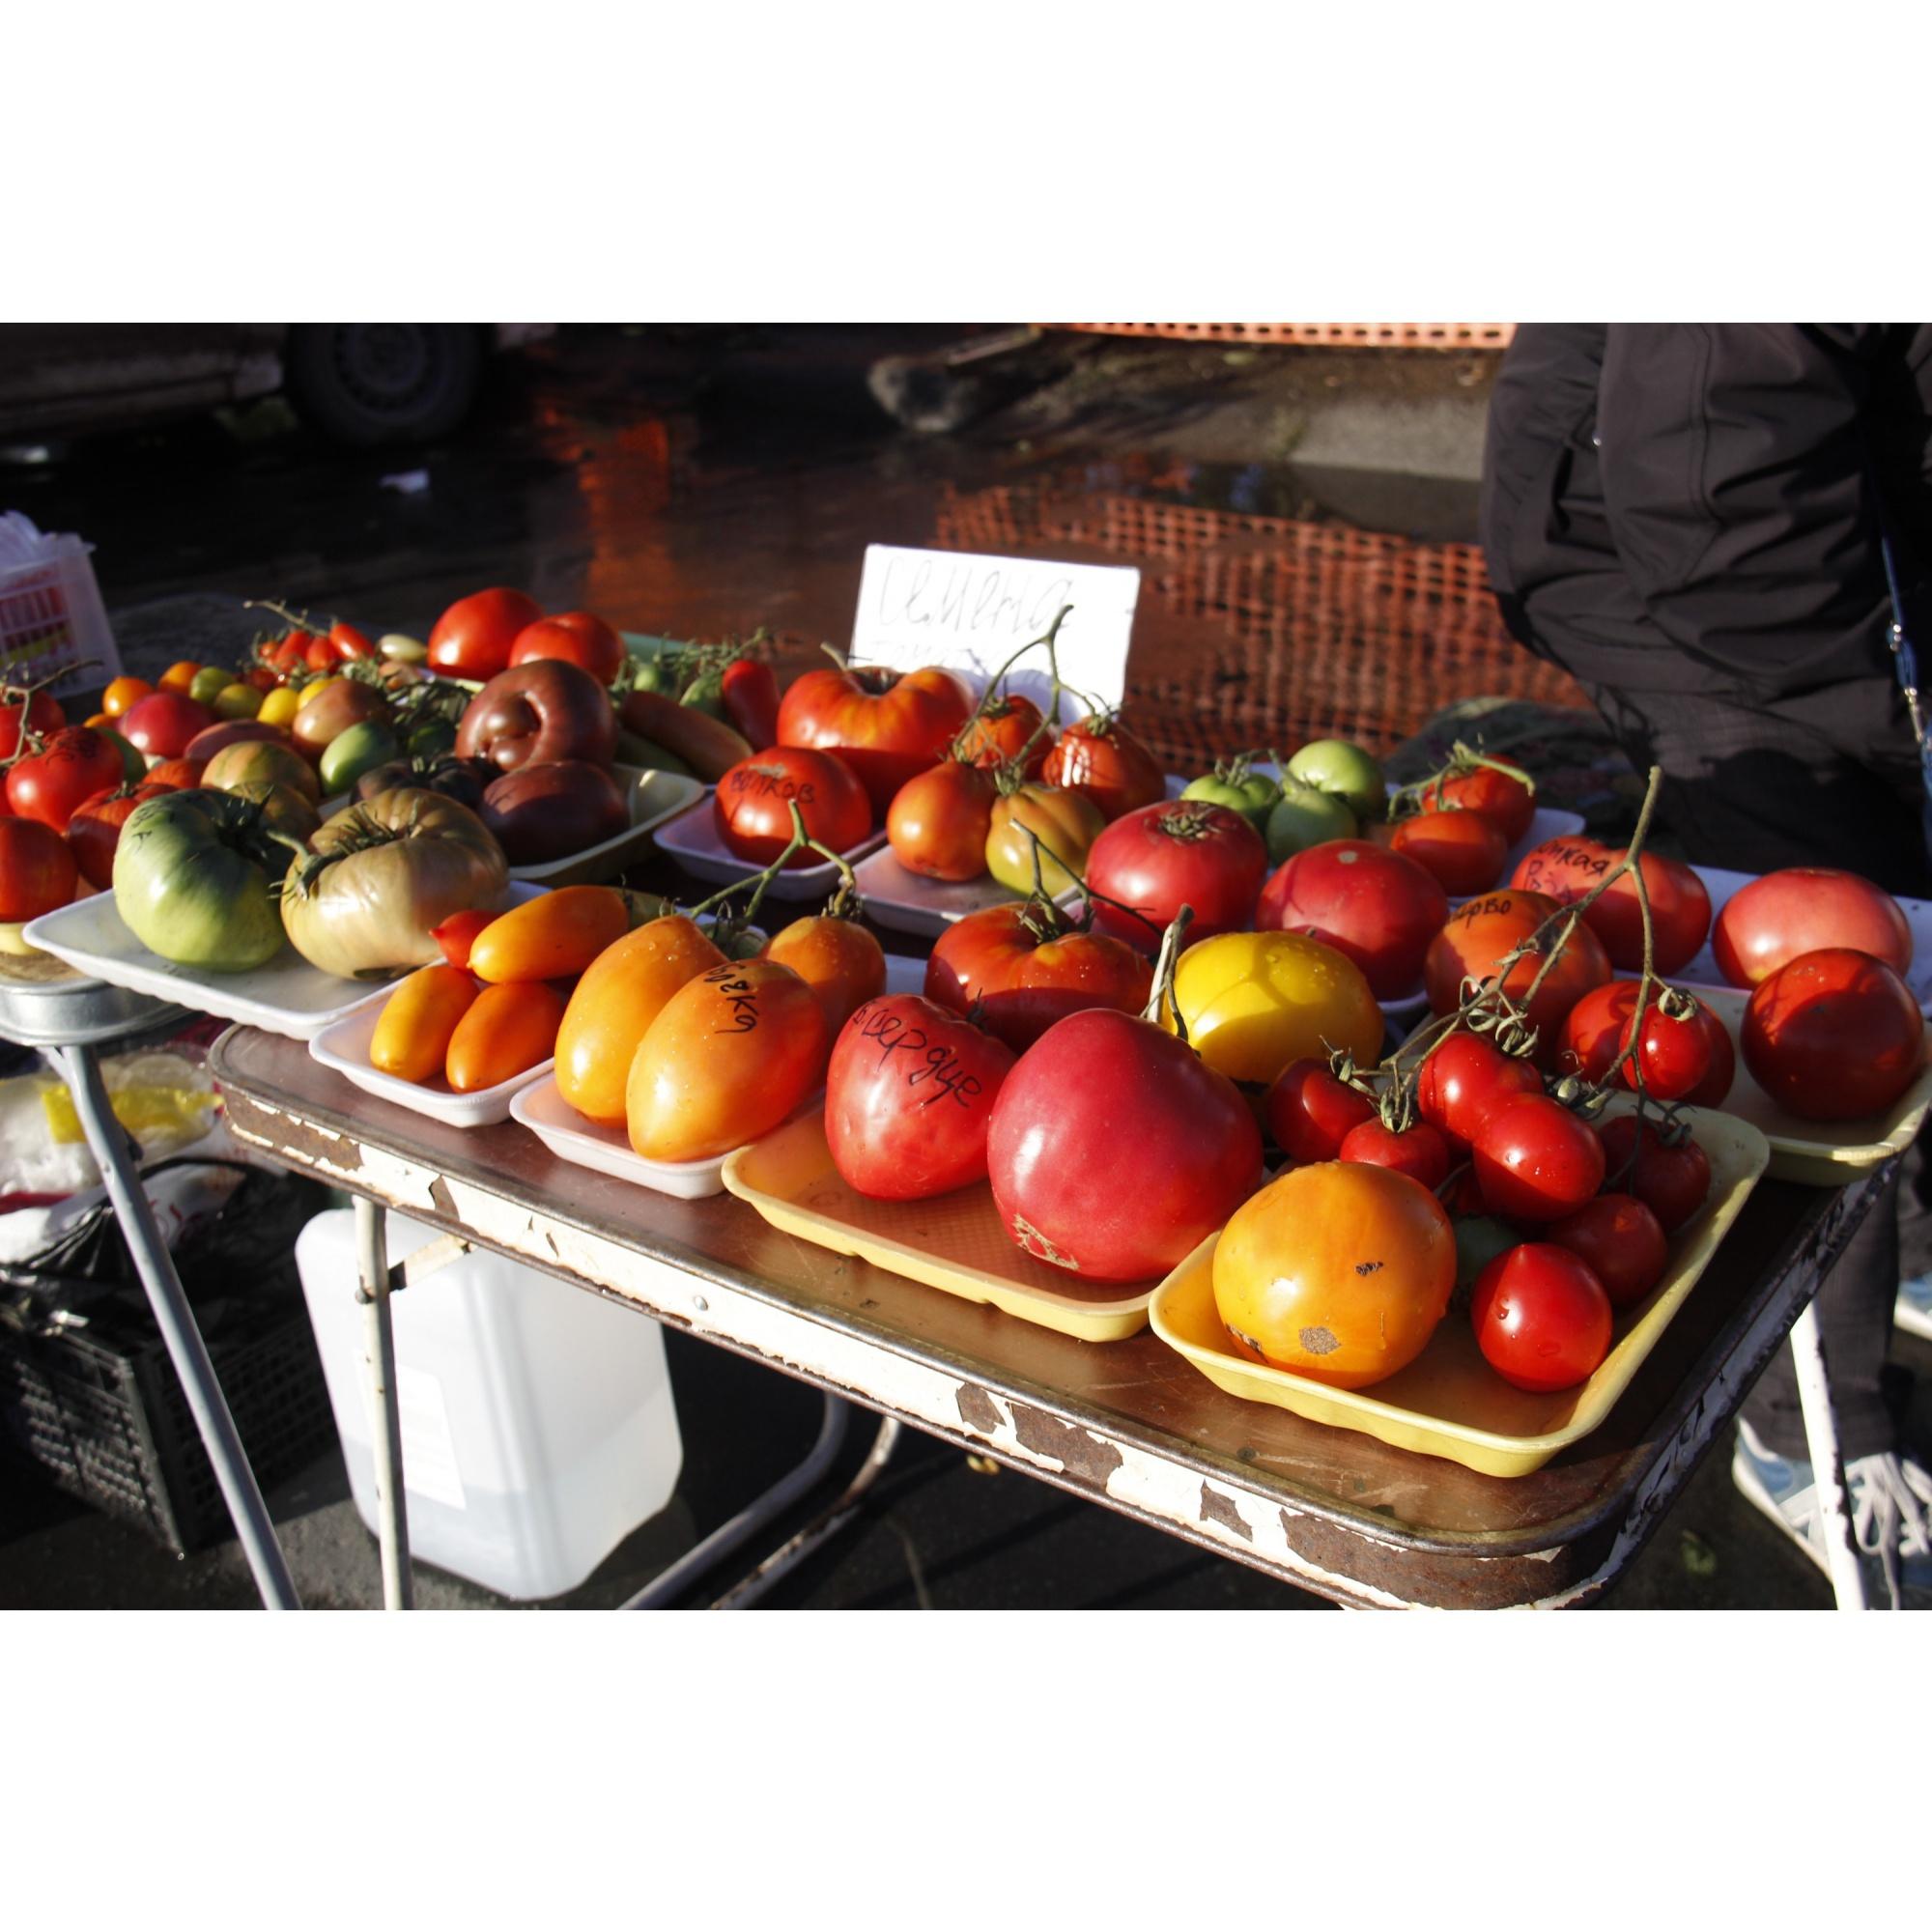 Томаты выложены для демонстрации, купить здесь можно только семена<br><br>